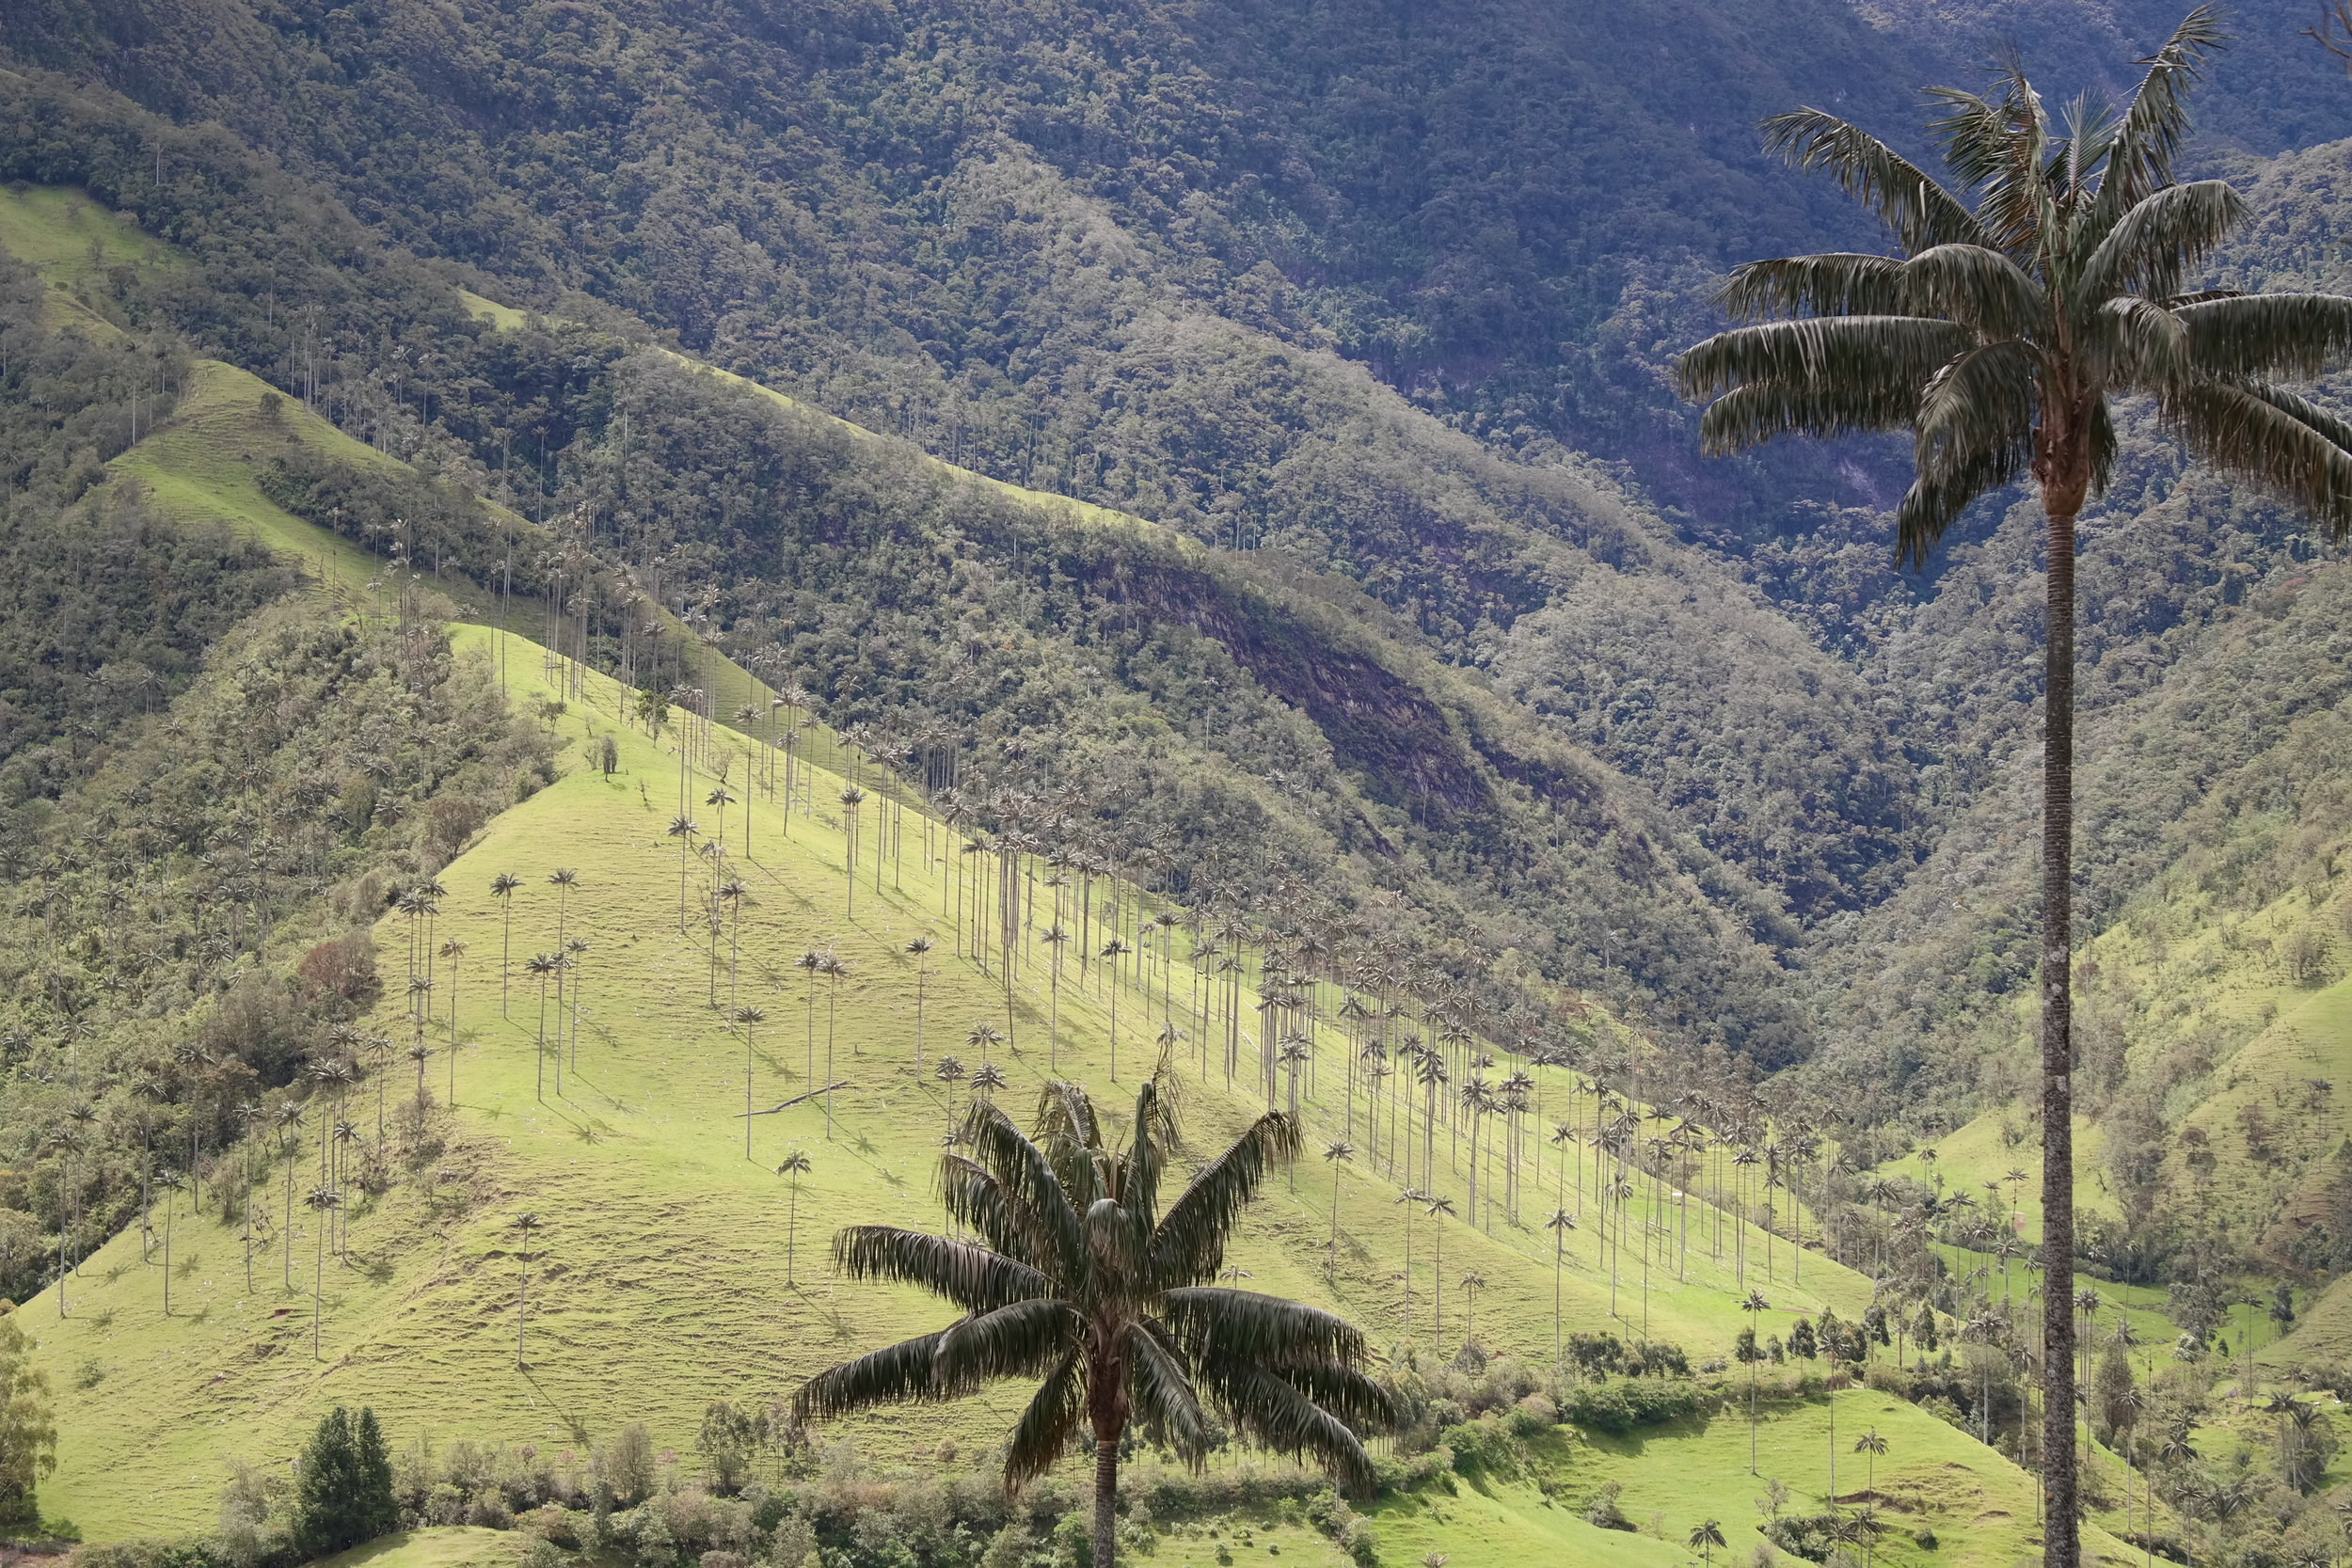 Vaxpalmerna är Colombias nationalträd och kan bli upp till 60 meter höga.